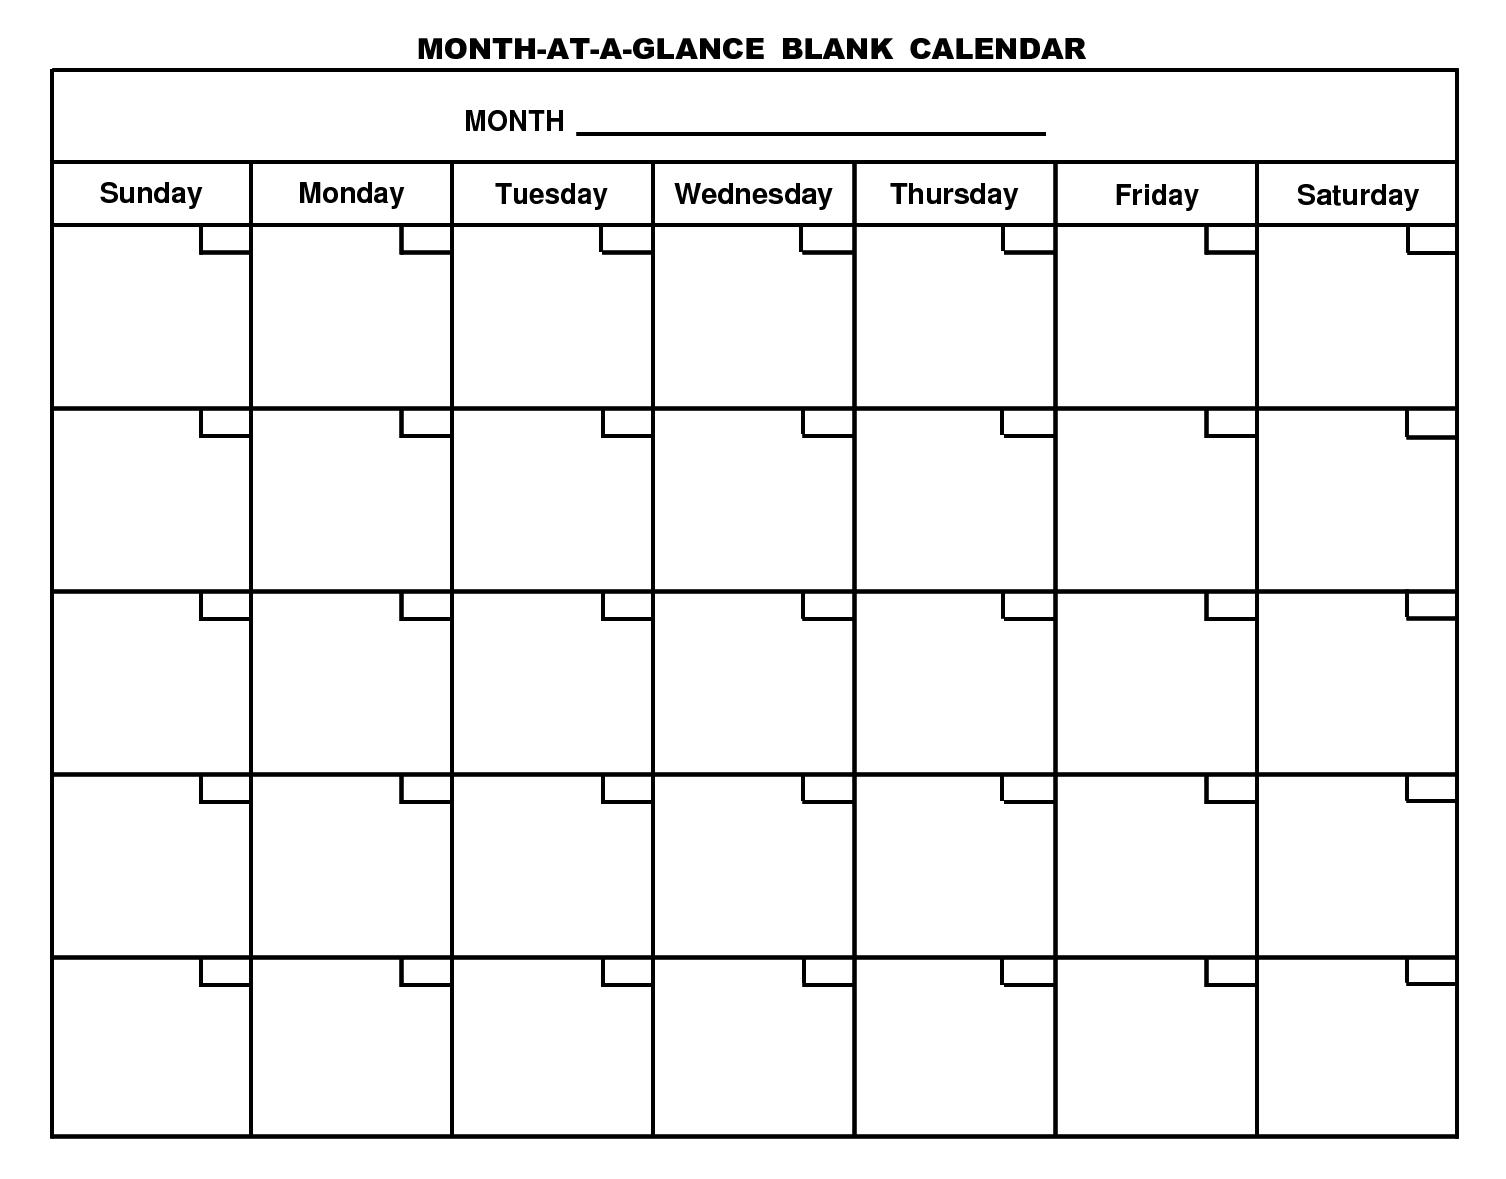 Iphone 6 Calendar Blank